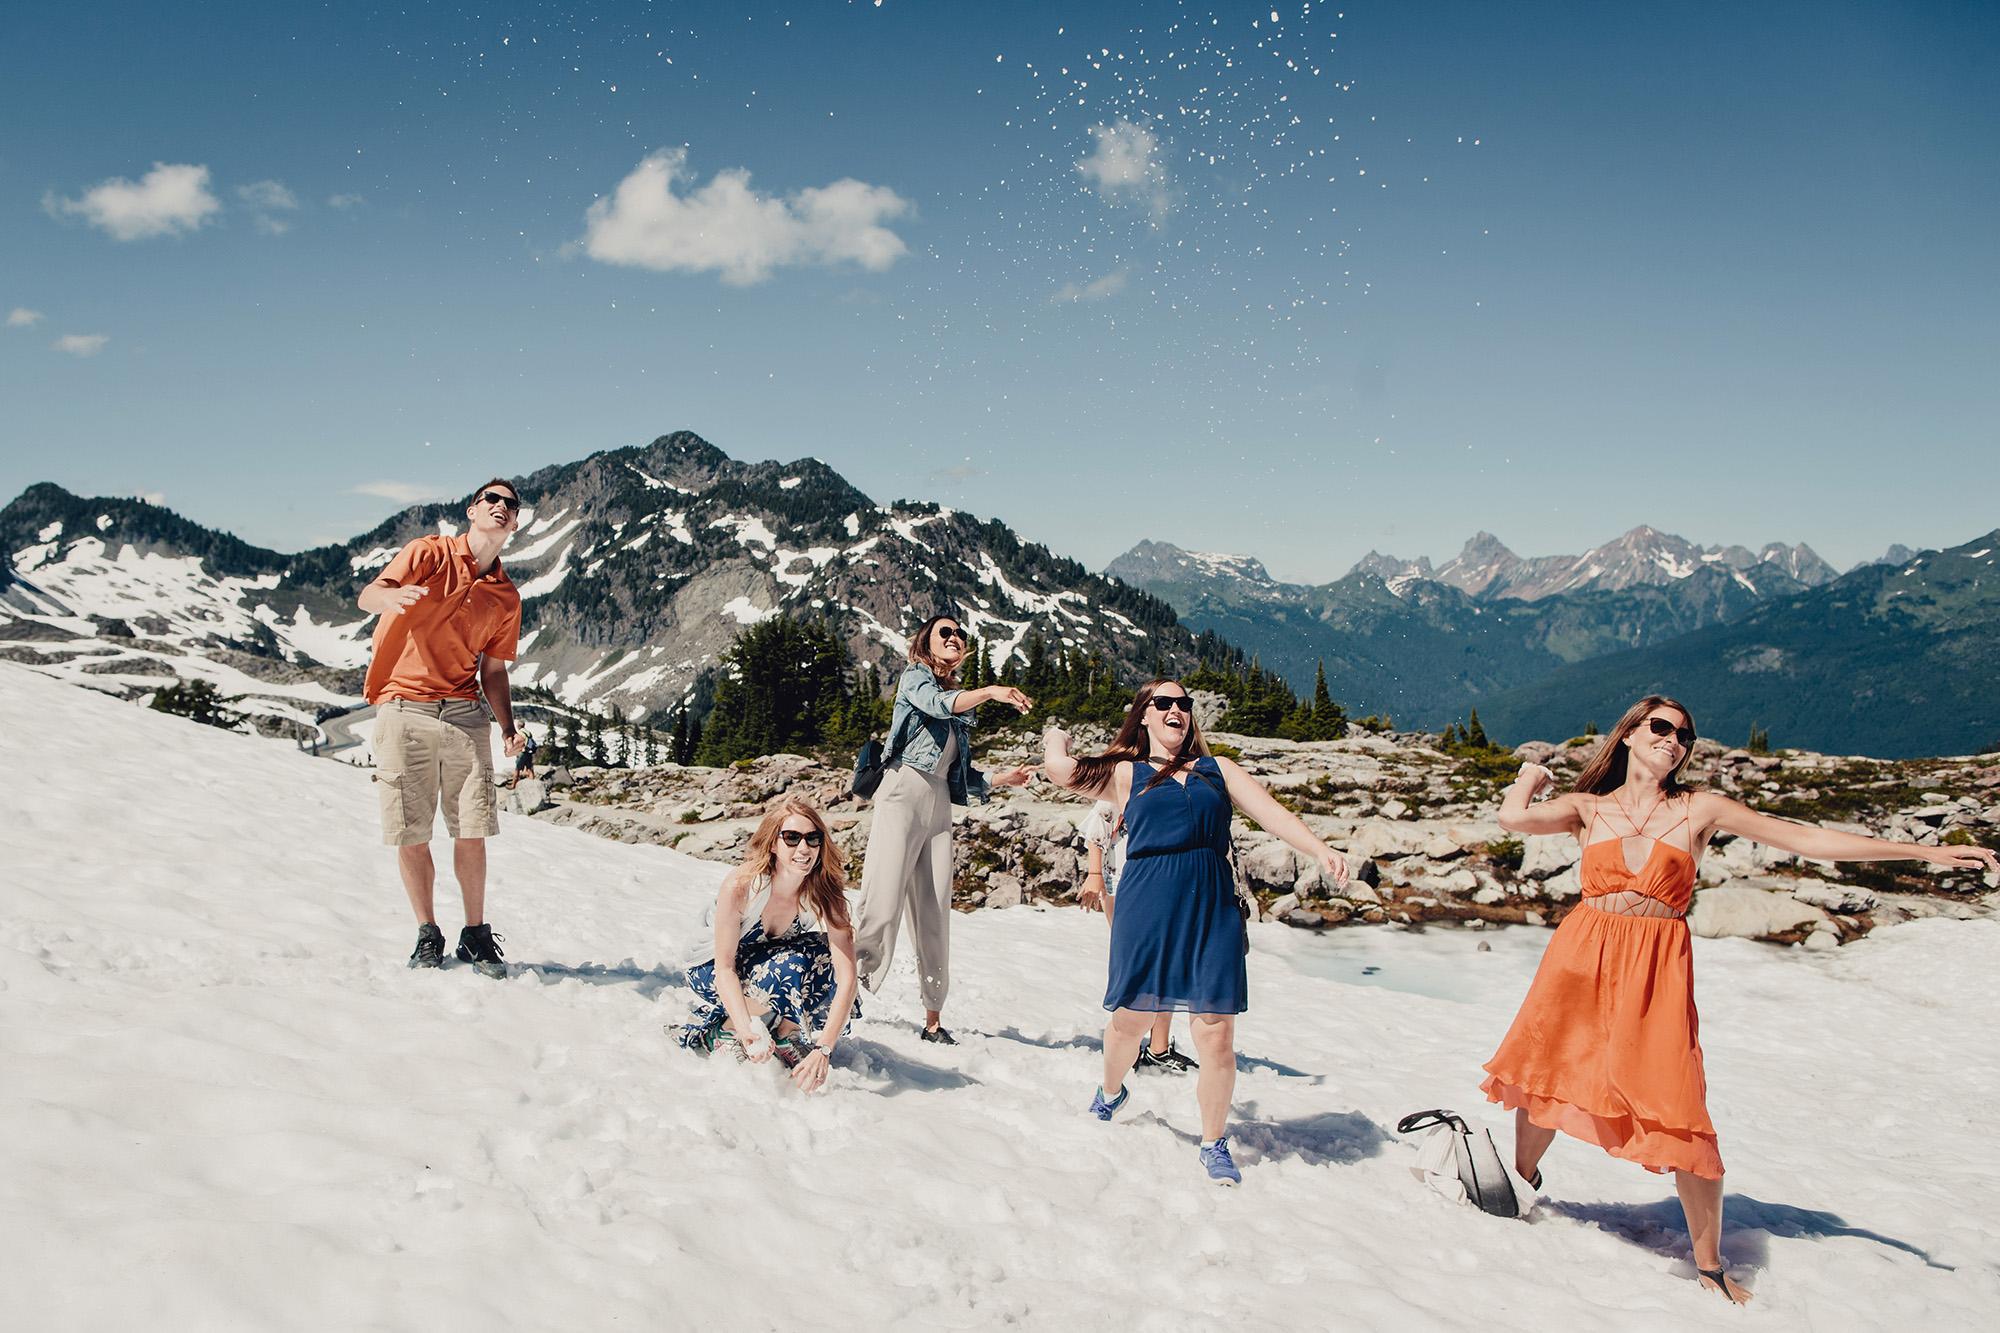 mountain-top-wedding-photos-0016.JPG